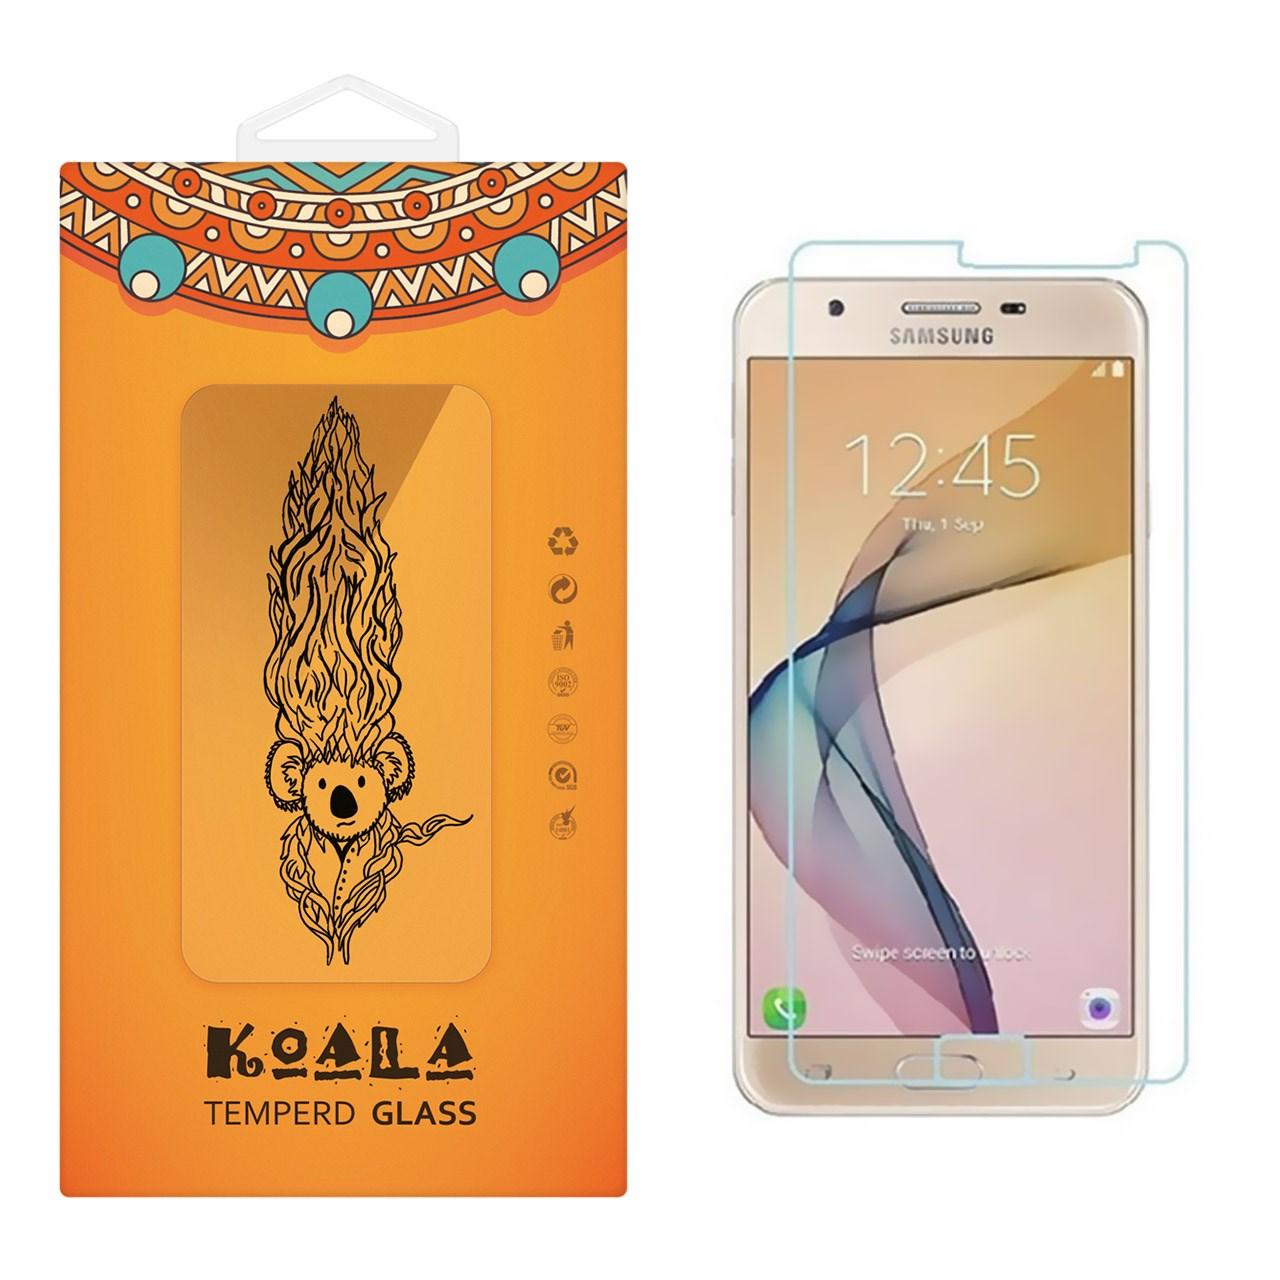 محافظ صفحه نمایش شیشه ای کوالا مدل Tempered مناسب برای گوشی موبایل سامسونگ J5 Prime              ( قیمت و خرید)